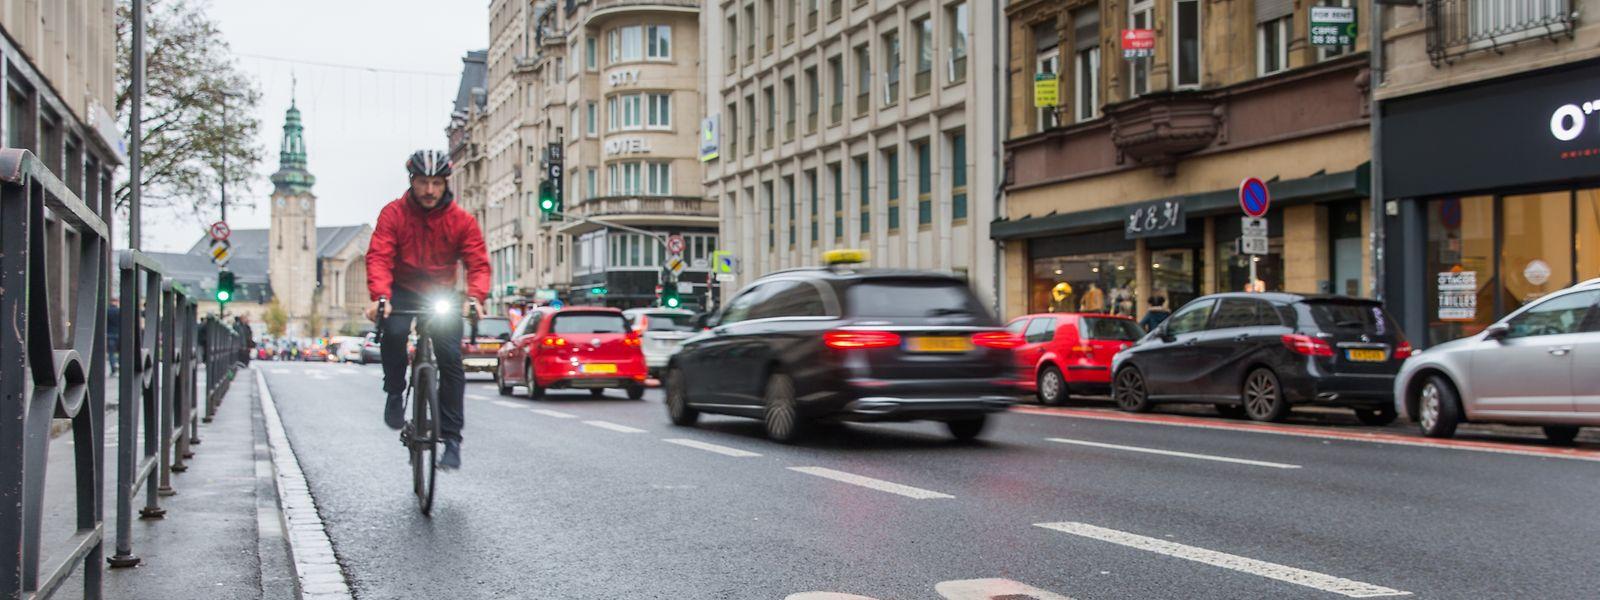 In der Avenue de la Liberté verboten und daher nur nachgestellt: Tatsächlich würde die Öffnung eines190  Meter langen Teilstücks der Busspur in Richtung Oberstadt den Radfahrern allerdings deutlich mehr Sicherheit und Komfort bringen.